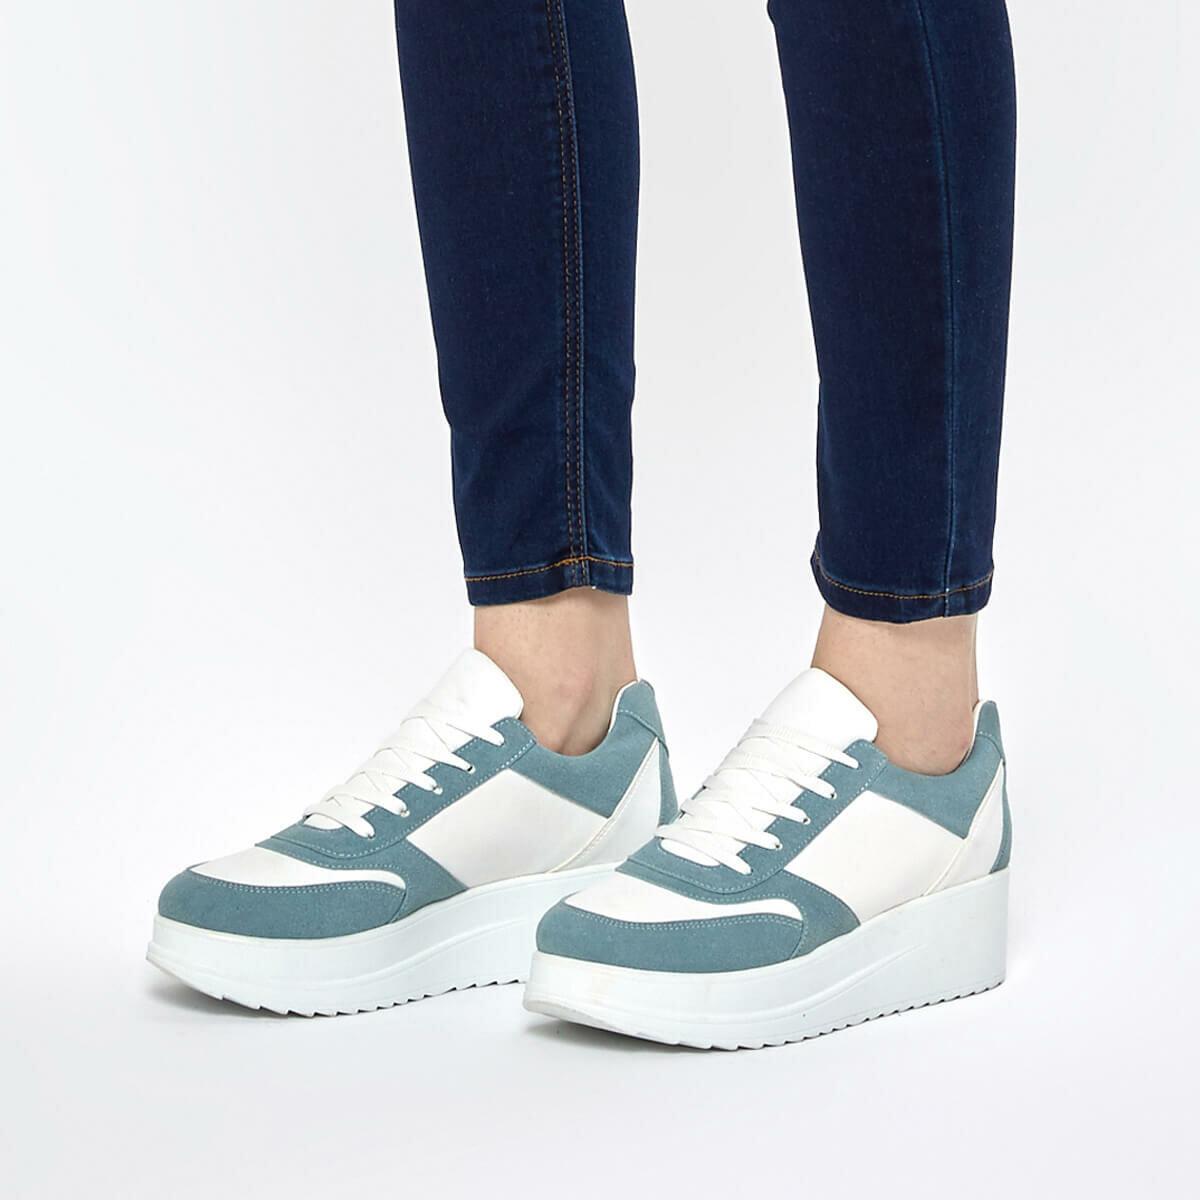 FLO SIMKA68Z Light Blue Women 'S Sneaker Shoes BUTIGO